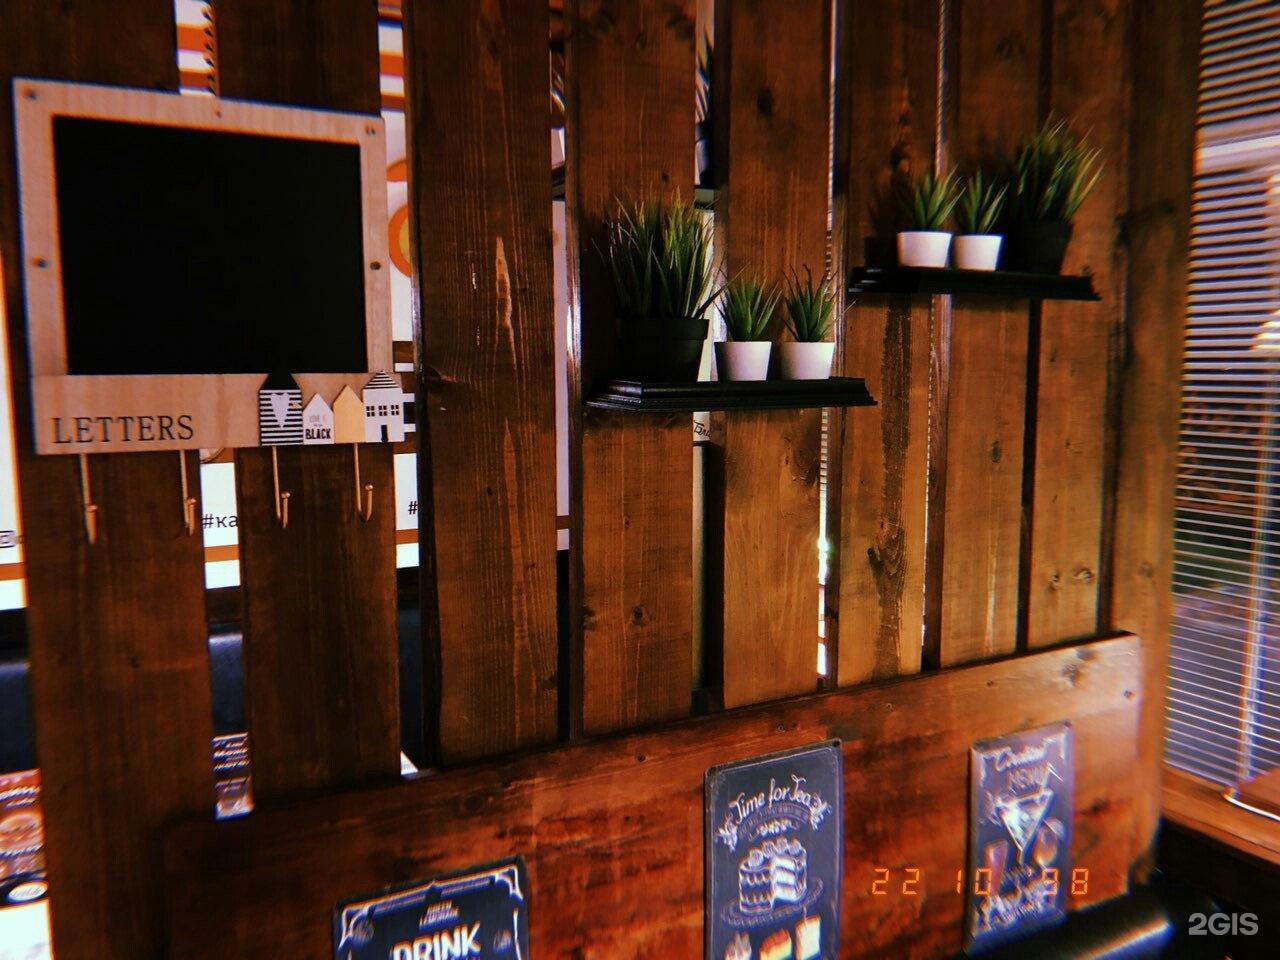 непосредственной кафе дзержинск фотоотчет прошлом